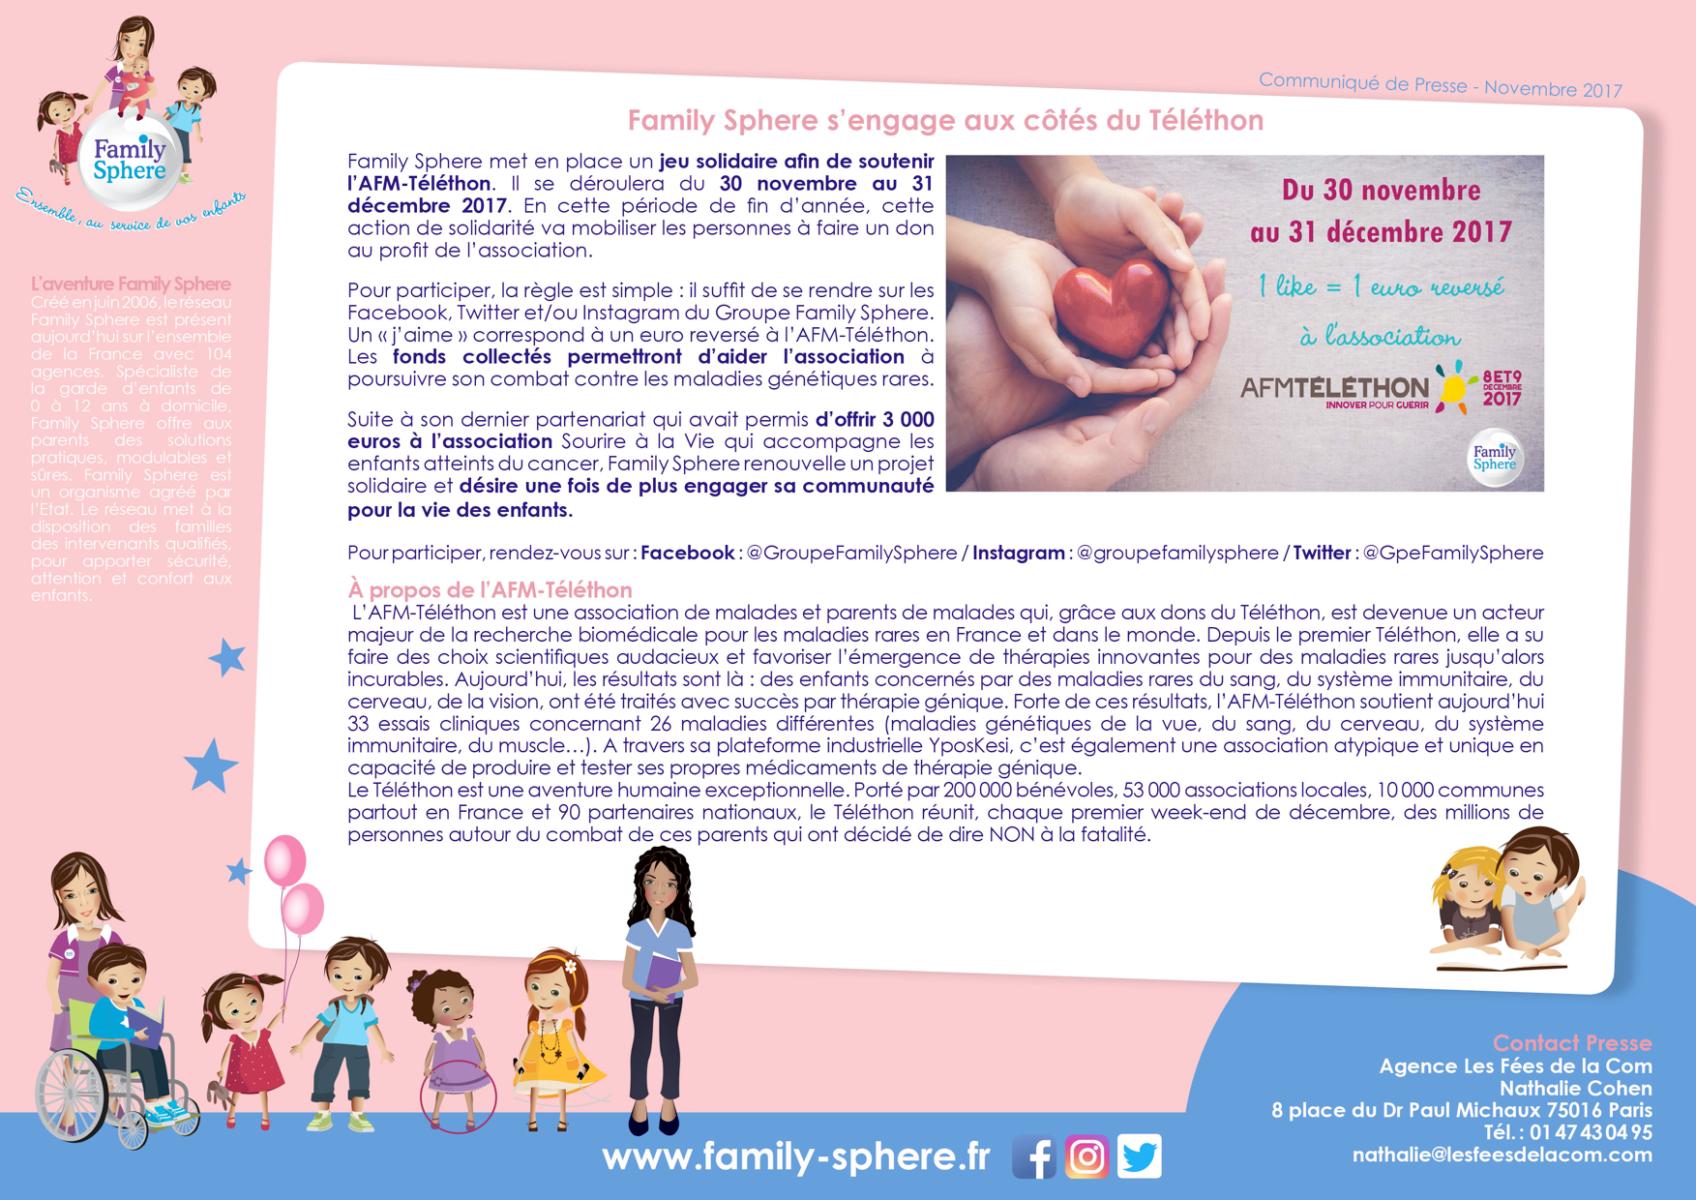 Family Sphere met en place un jeu solidaire afin de soutenir l'AFM-Téléthon. […]